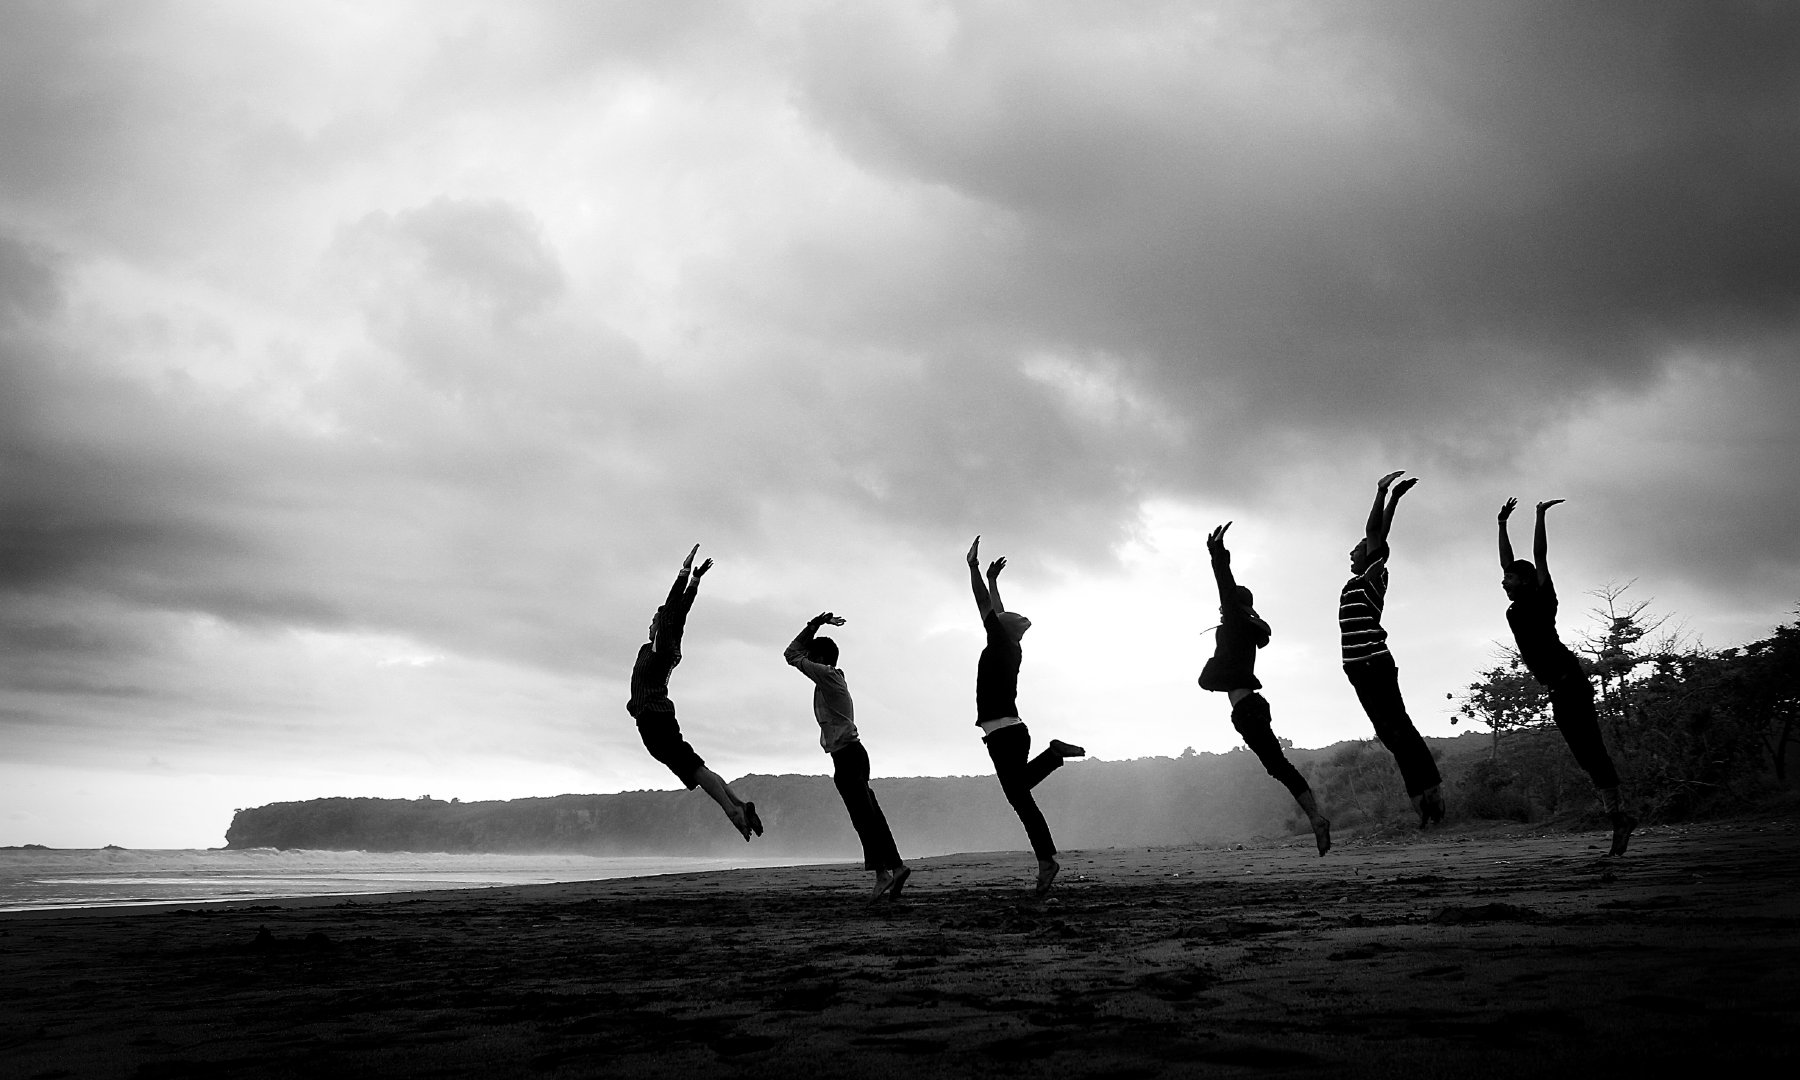 一群人跳跃黑白人体艺术摄影